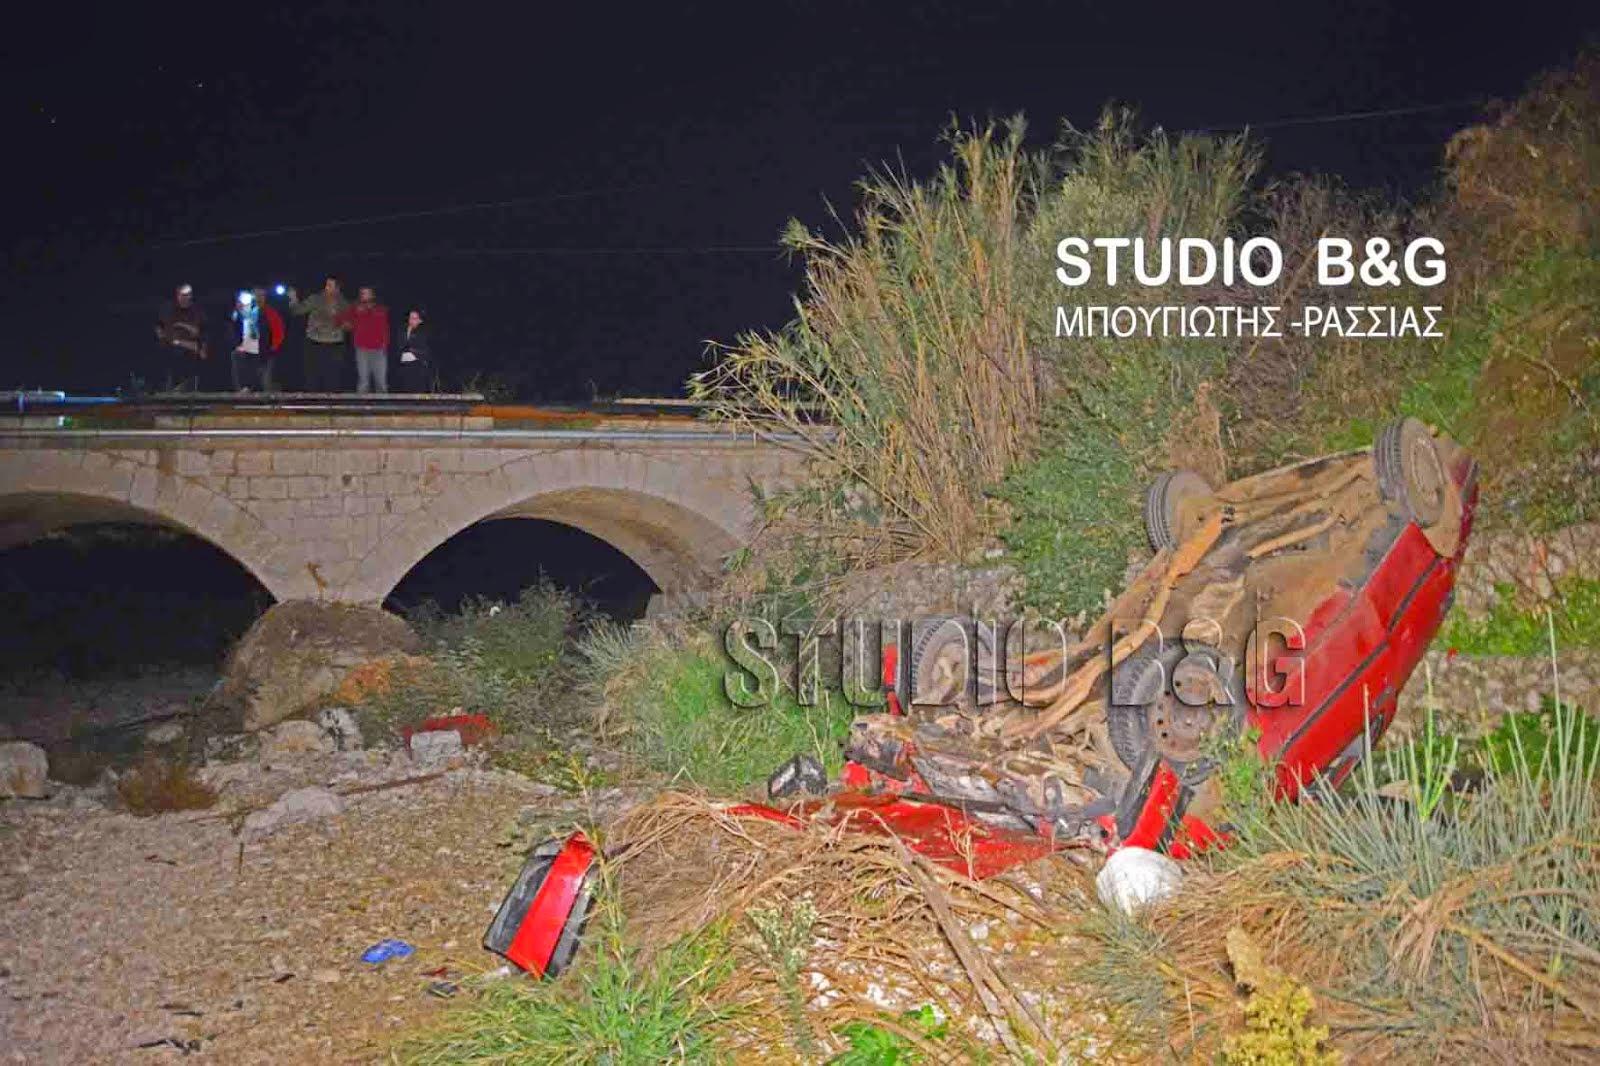 Νεκρός 55χρονος σε νέο τροχαίο στο Καλαμάκι